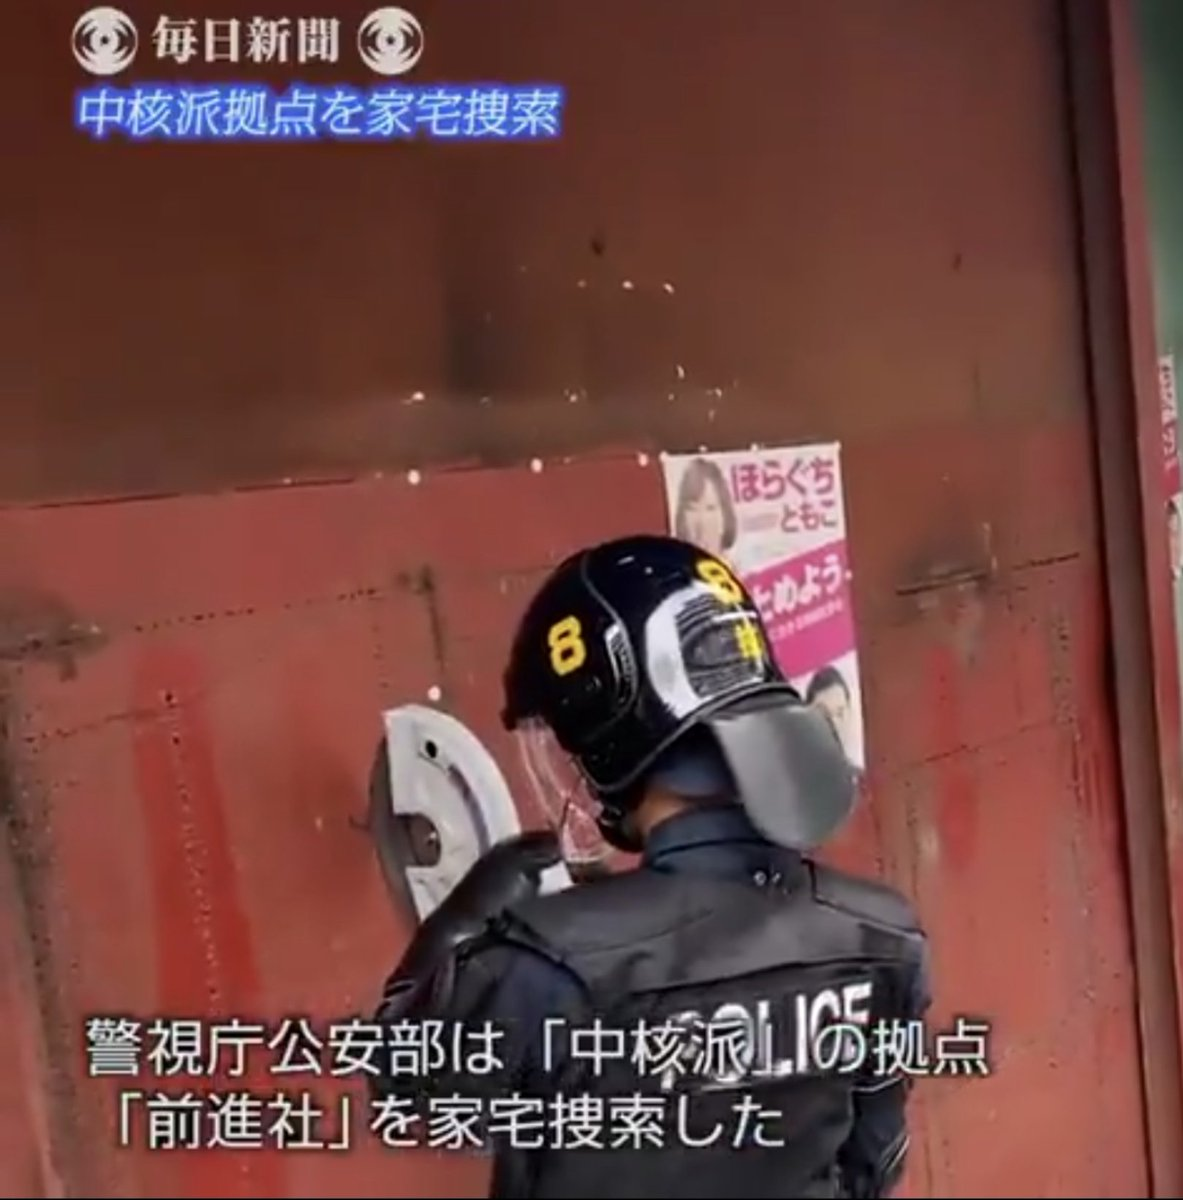 ・警察が中核派のアジトに踏みこもうとするも鉄板が全然切れない。・すると隣のドアが開いて中から人が出てくる。・みんな結局ドアから入る。・入る際に中核派が検温。・素直におでこを出す警官。面白すぎるだろwwwwwwwww